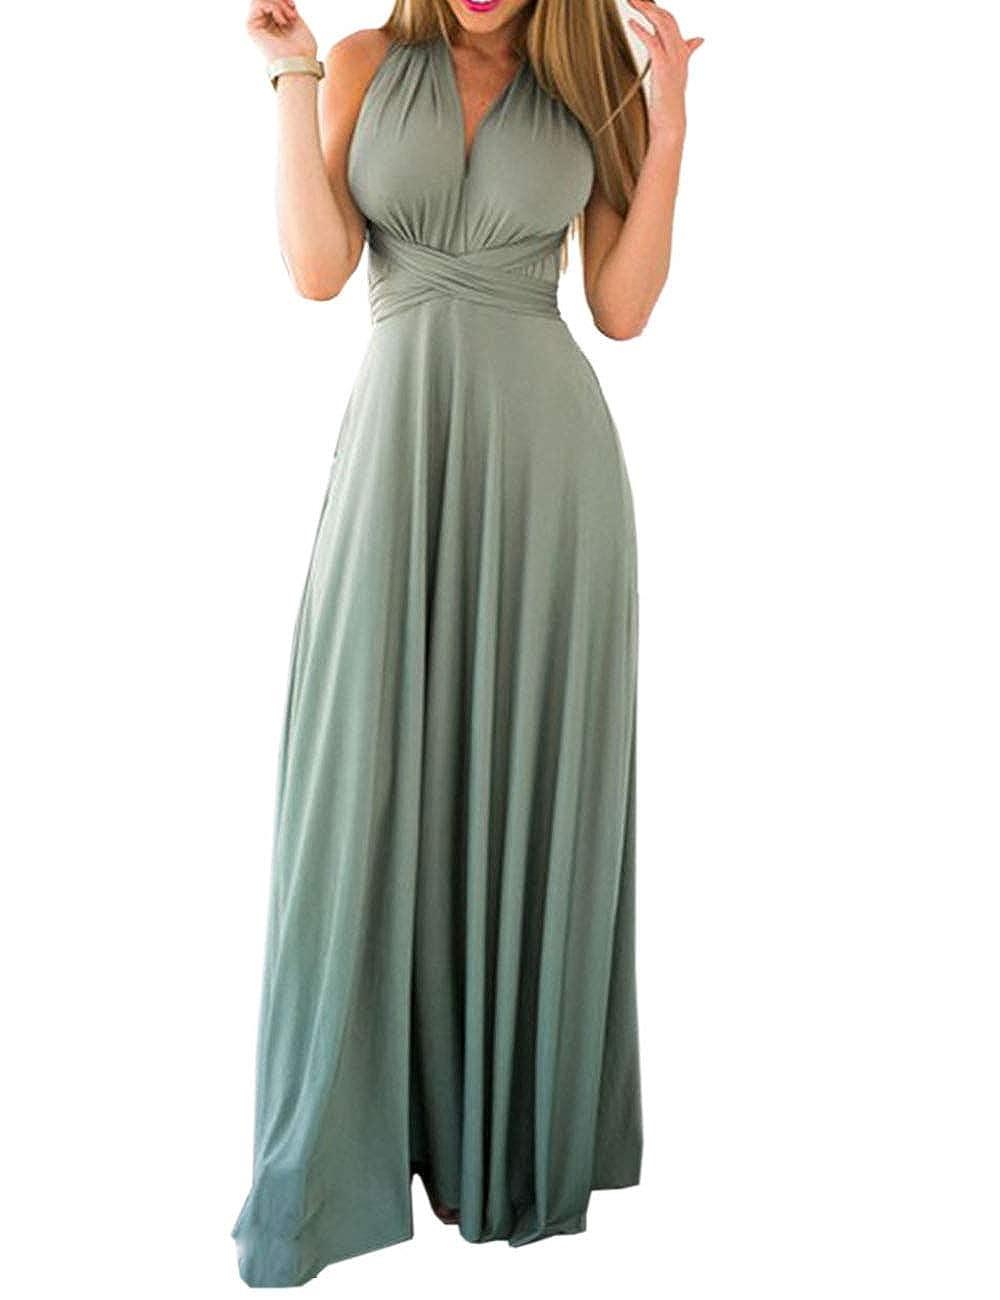 TALLA S. EMMA Mujeres Falda Larga de Cóctel Vestido de Noche Dama de Honor Elegante sin Respaldo Verde Claro S